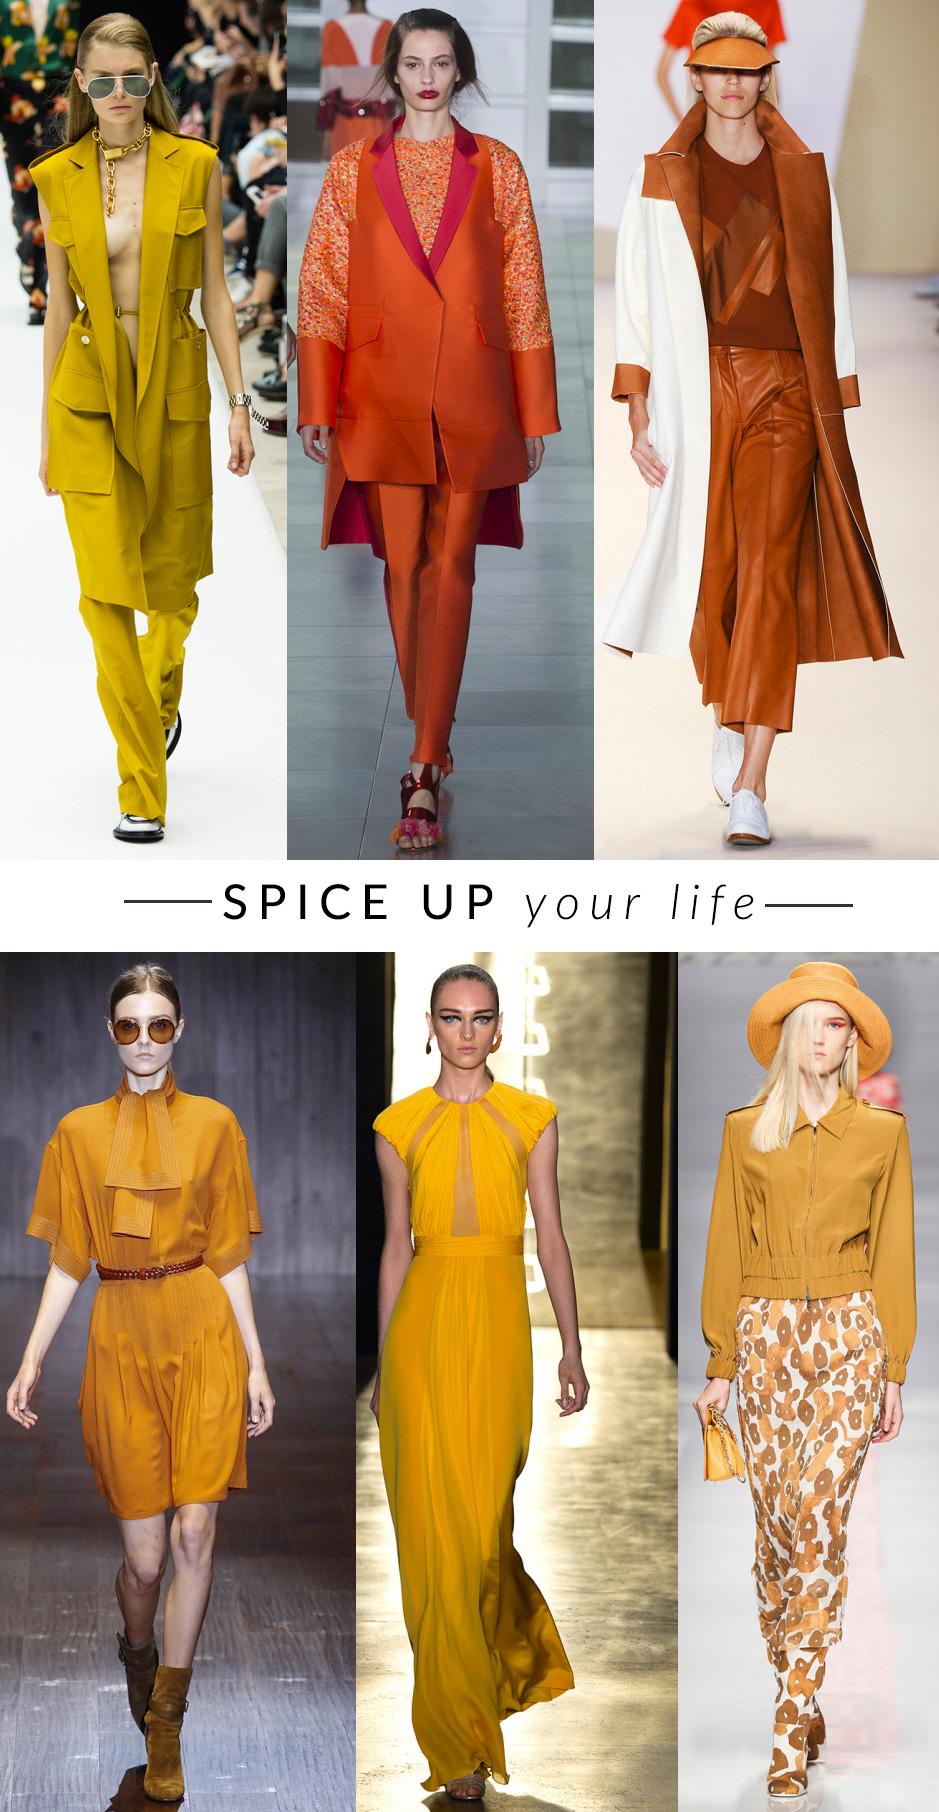 spezie-orientali trend moda primavera estate 2015 fashion blogger elena schiavon